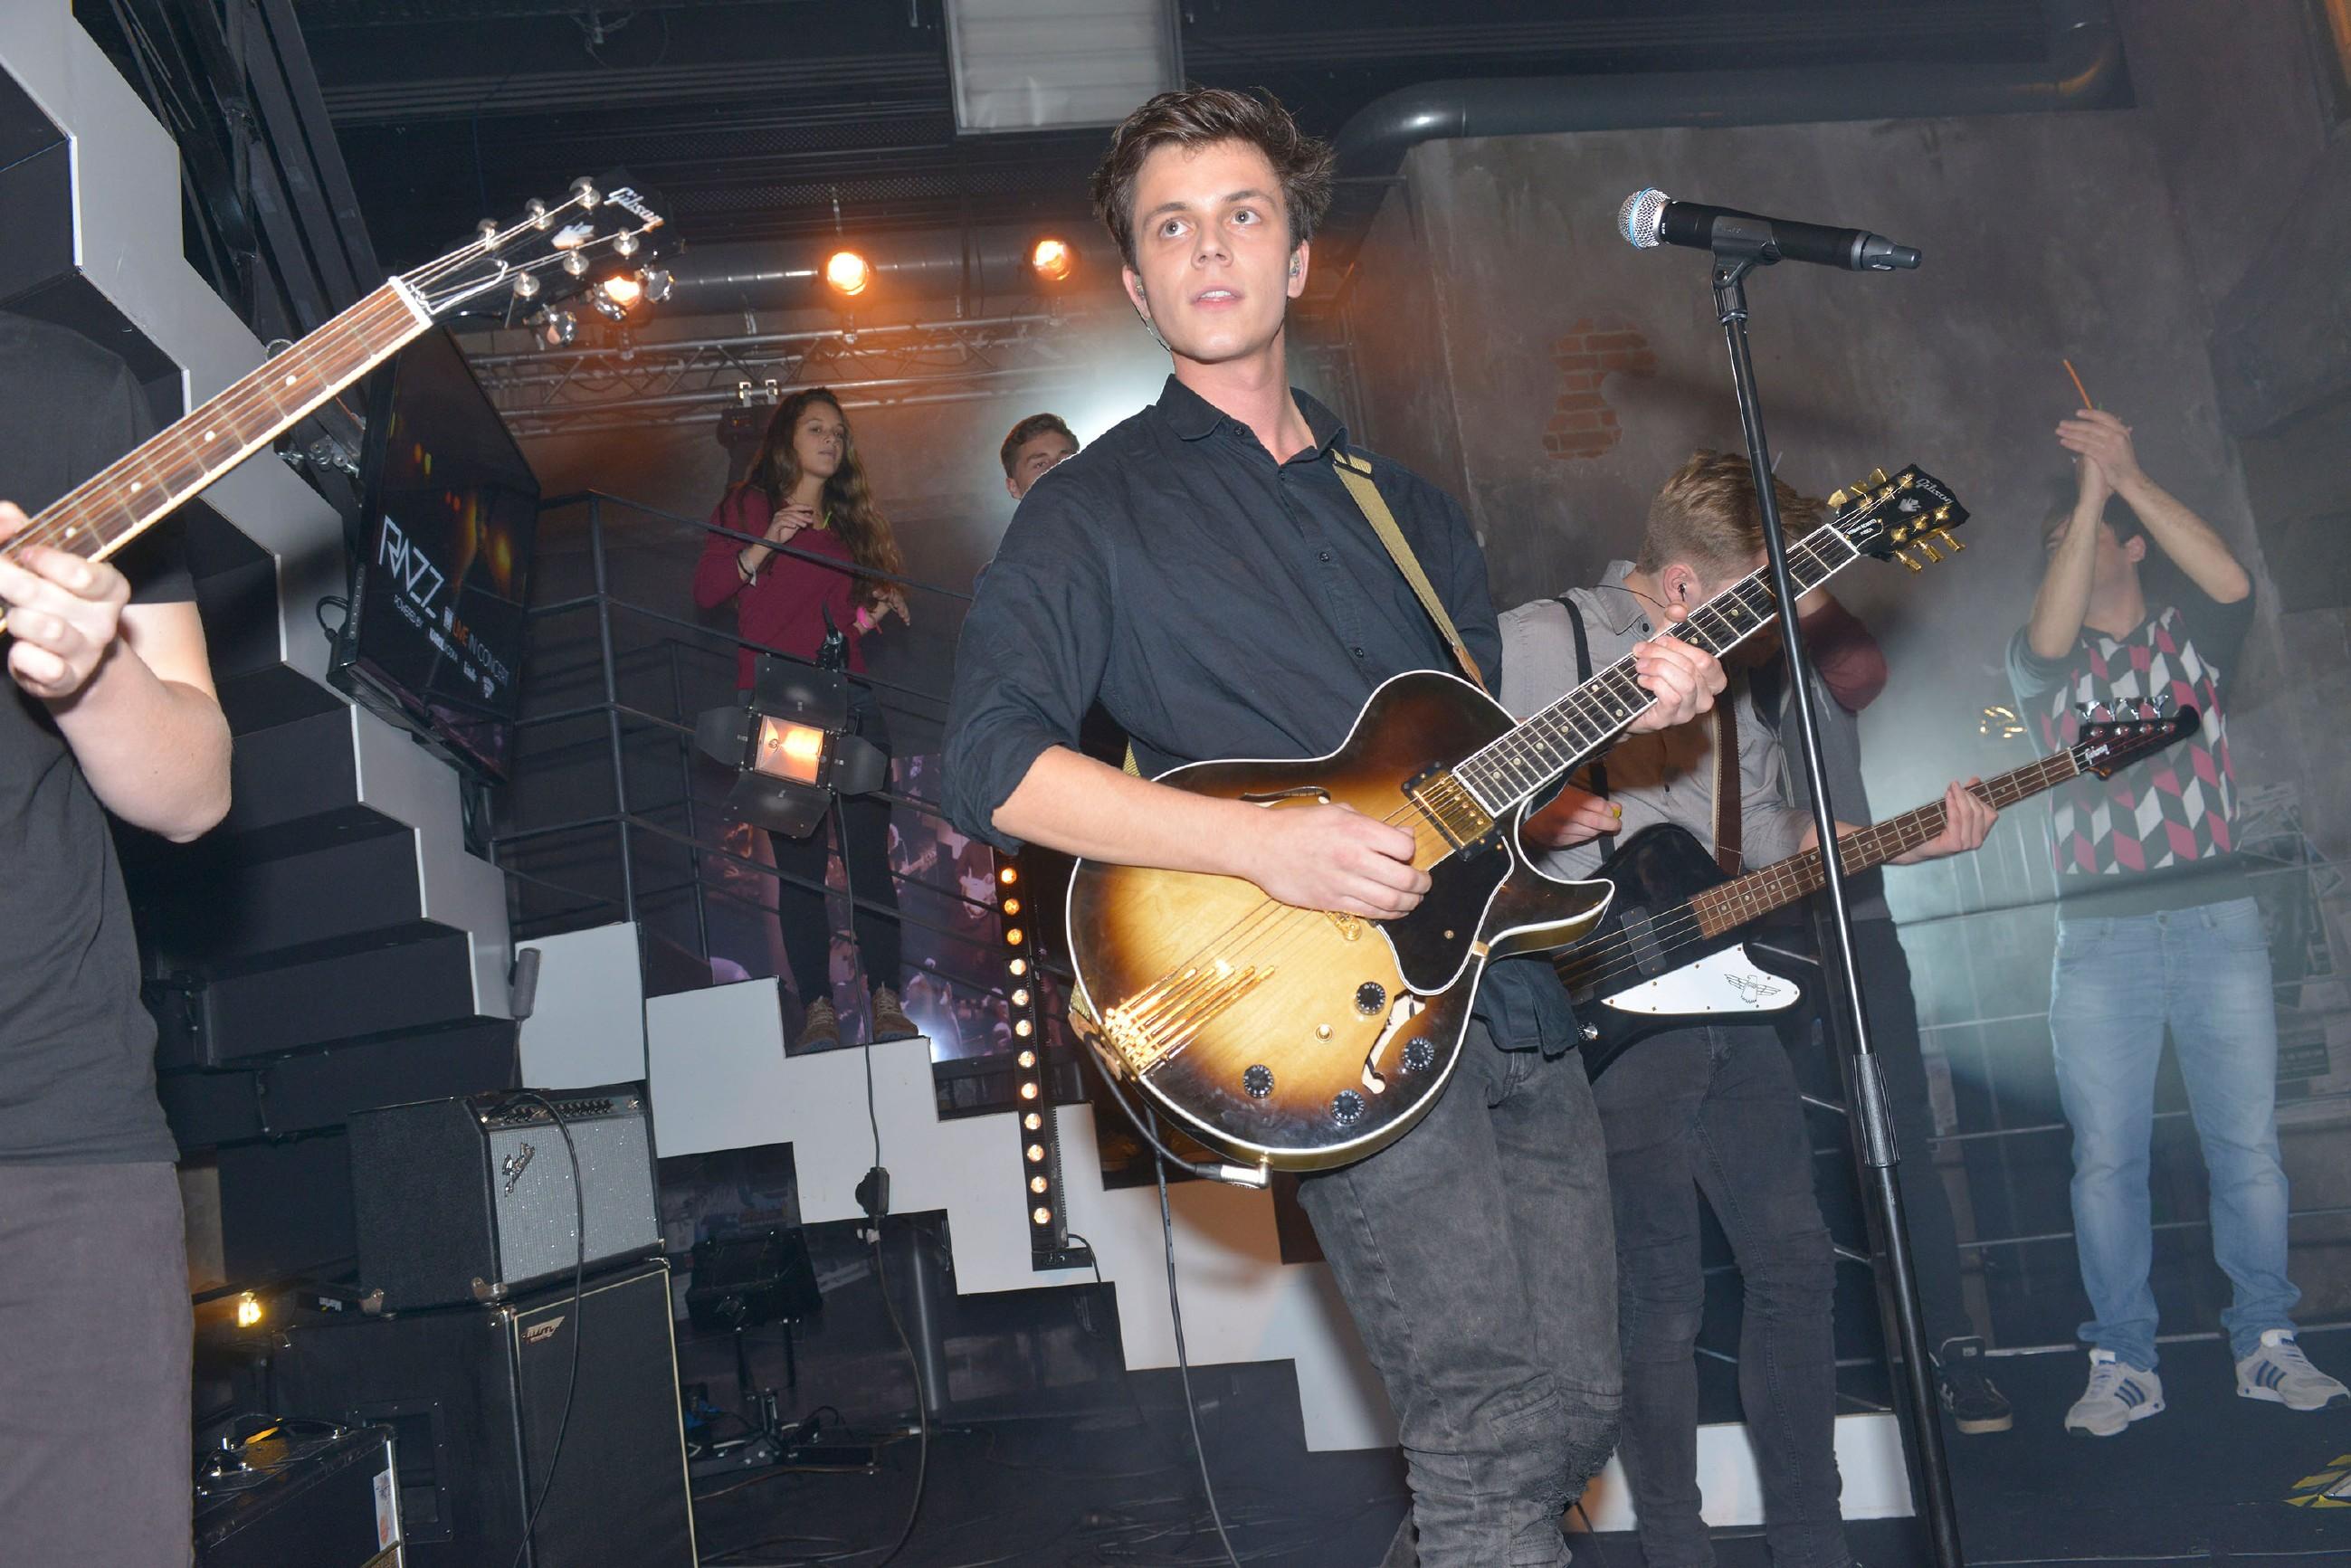 Die Band RAZZ gibt ein Konzert im Mauerwerk. (Quelle: RTL / Rolf Baumgartner)